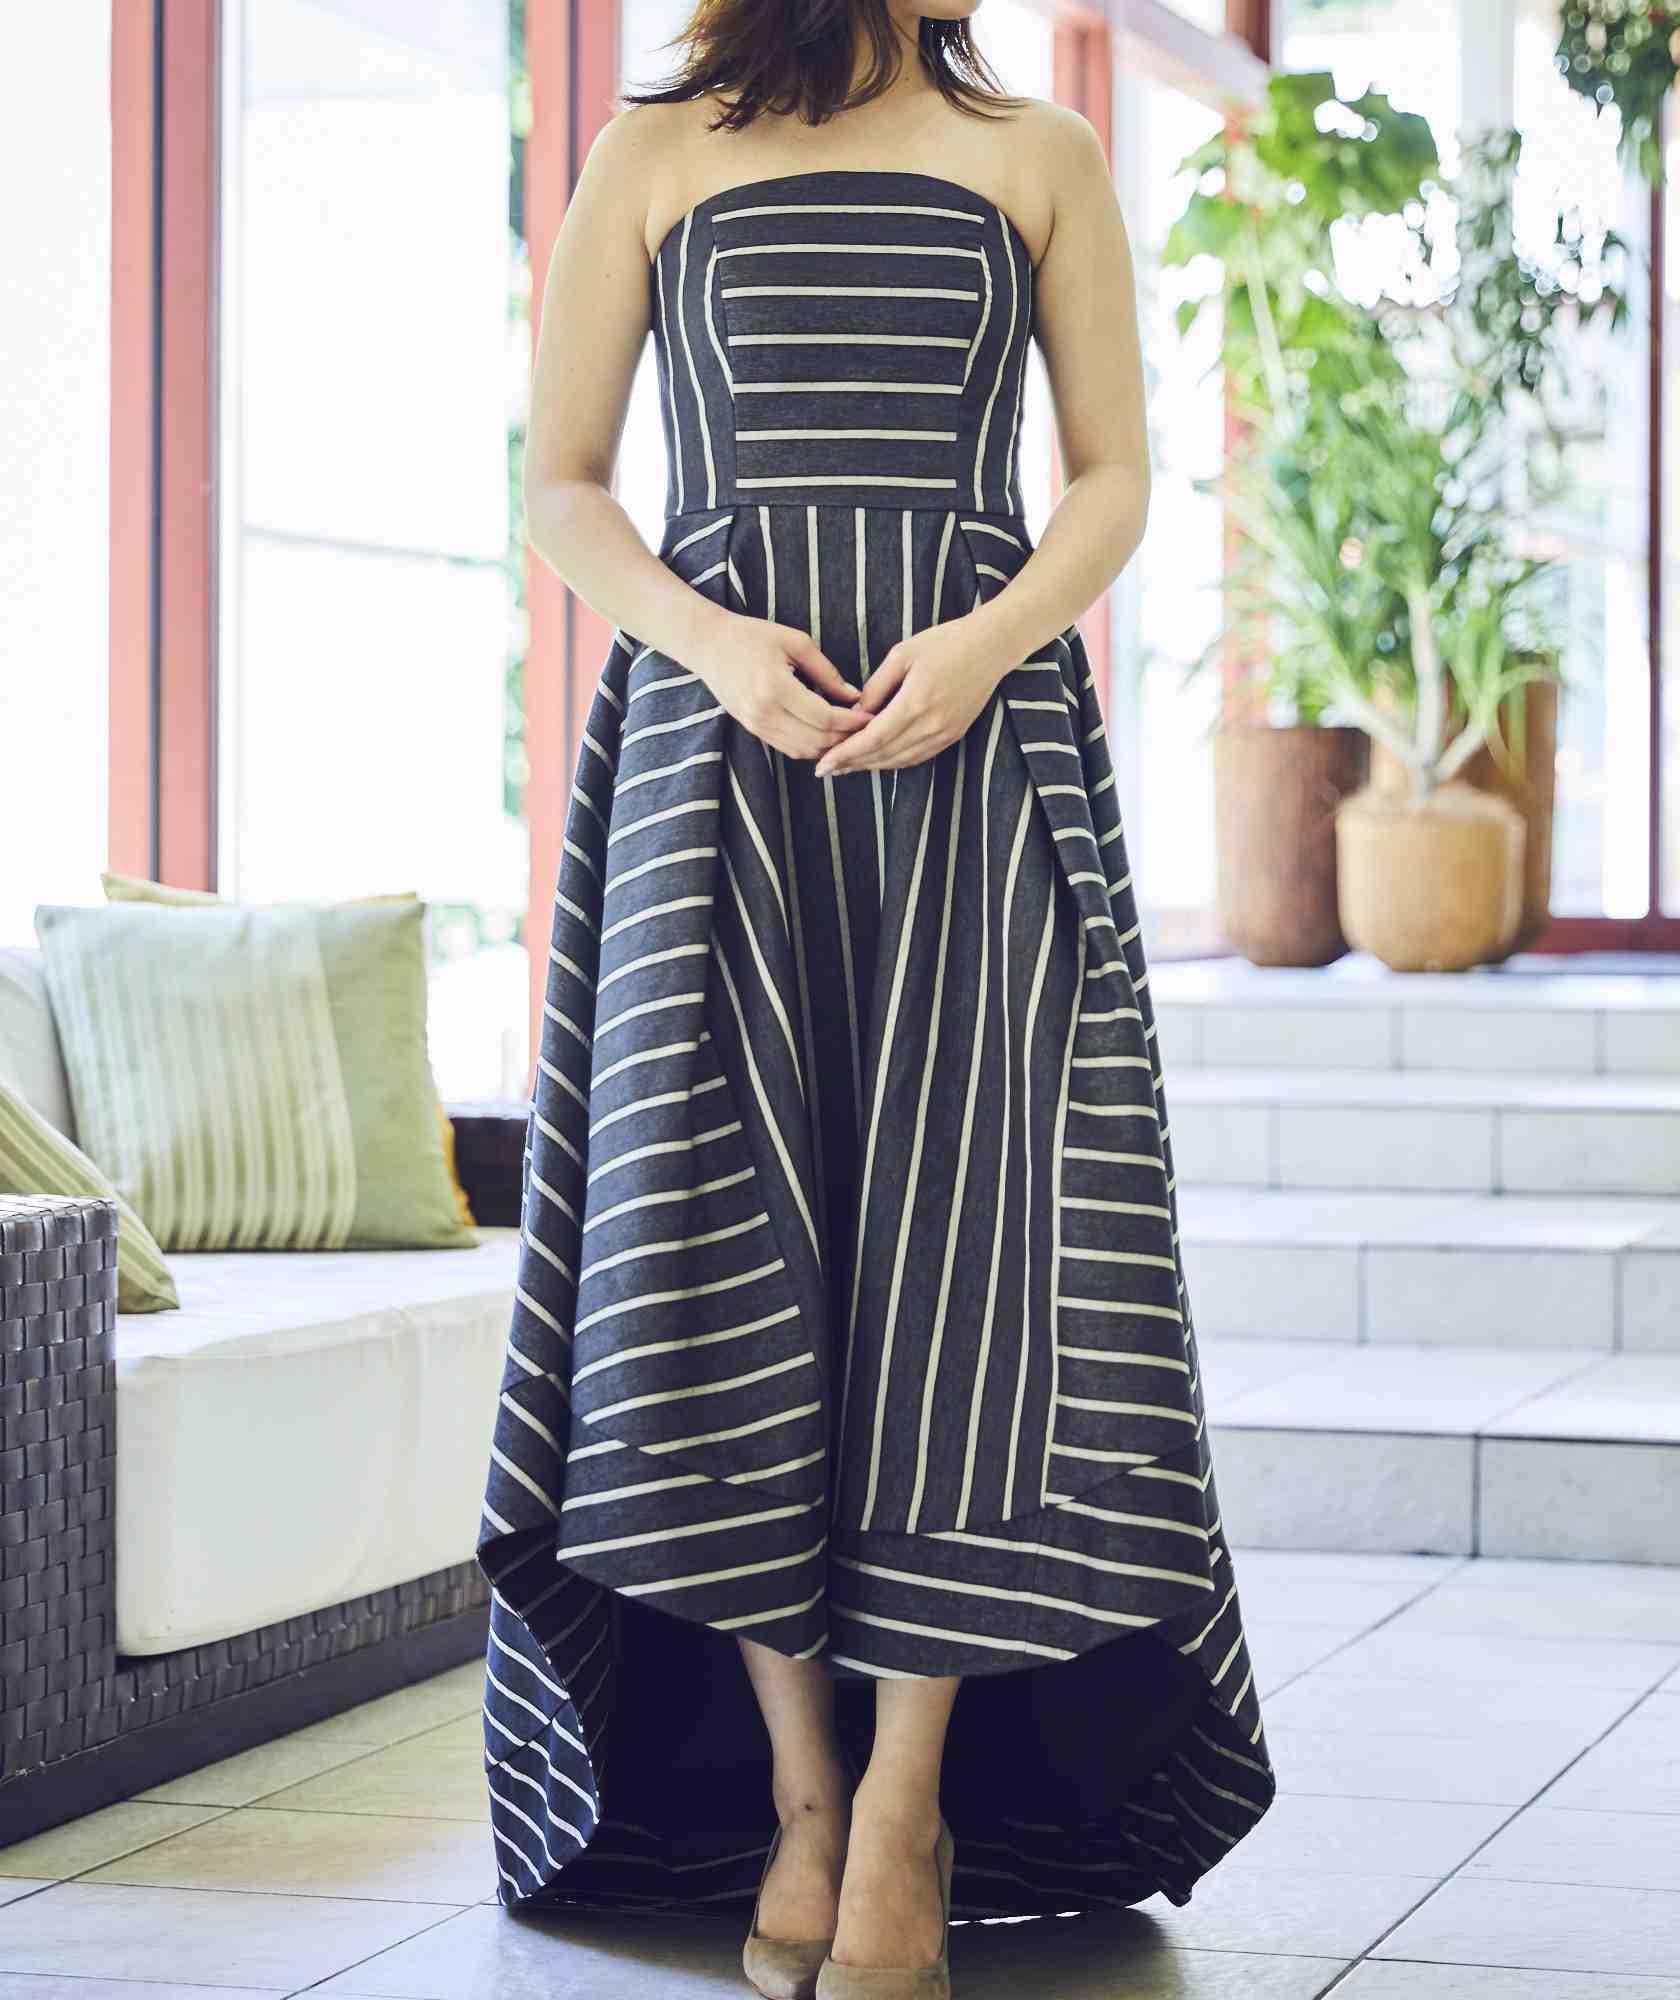 ボリュームラインカラーベアロングテールミディアムドレス-ブラック-M